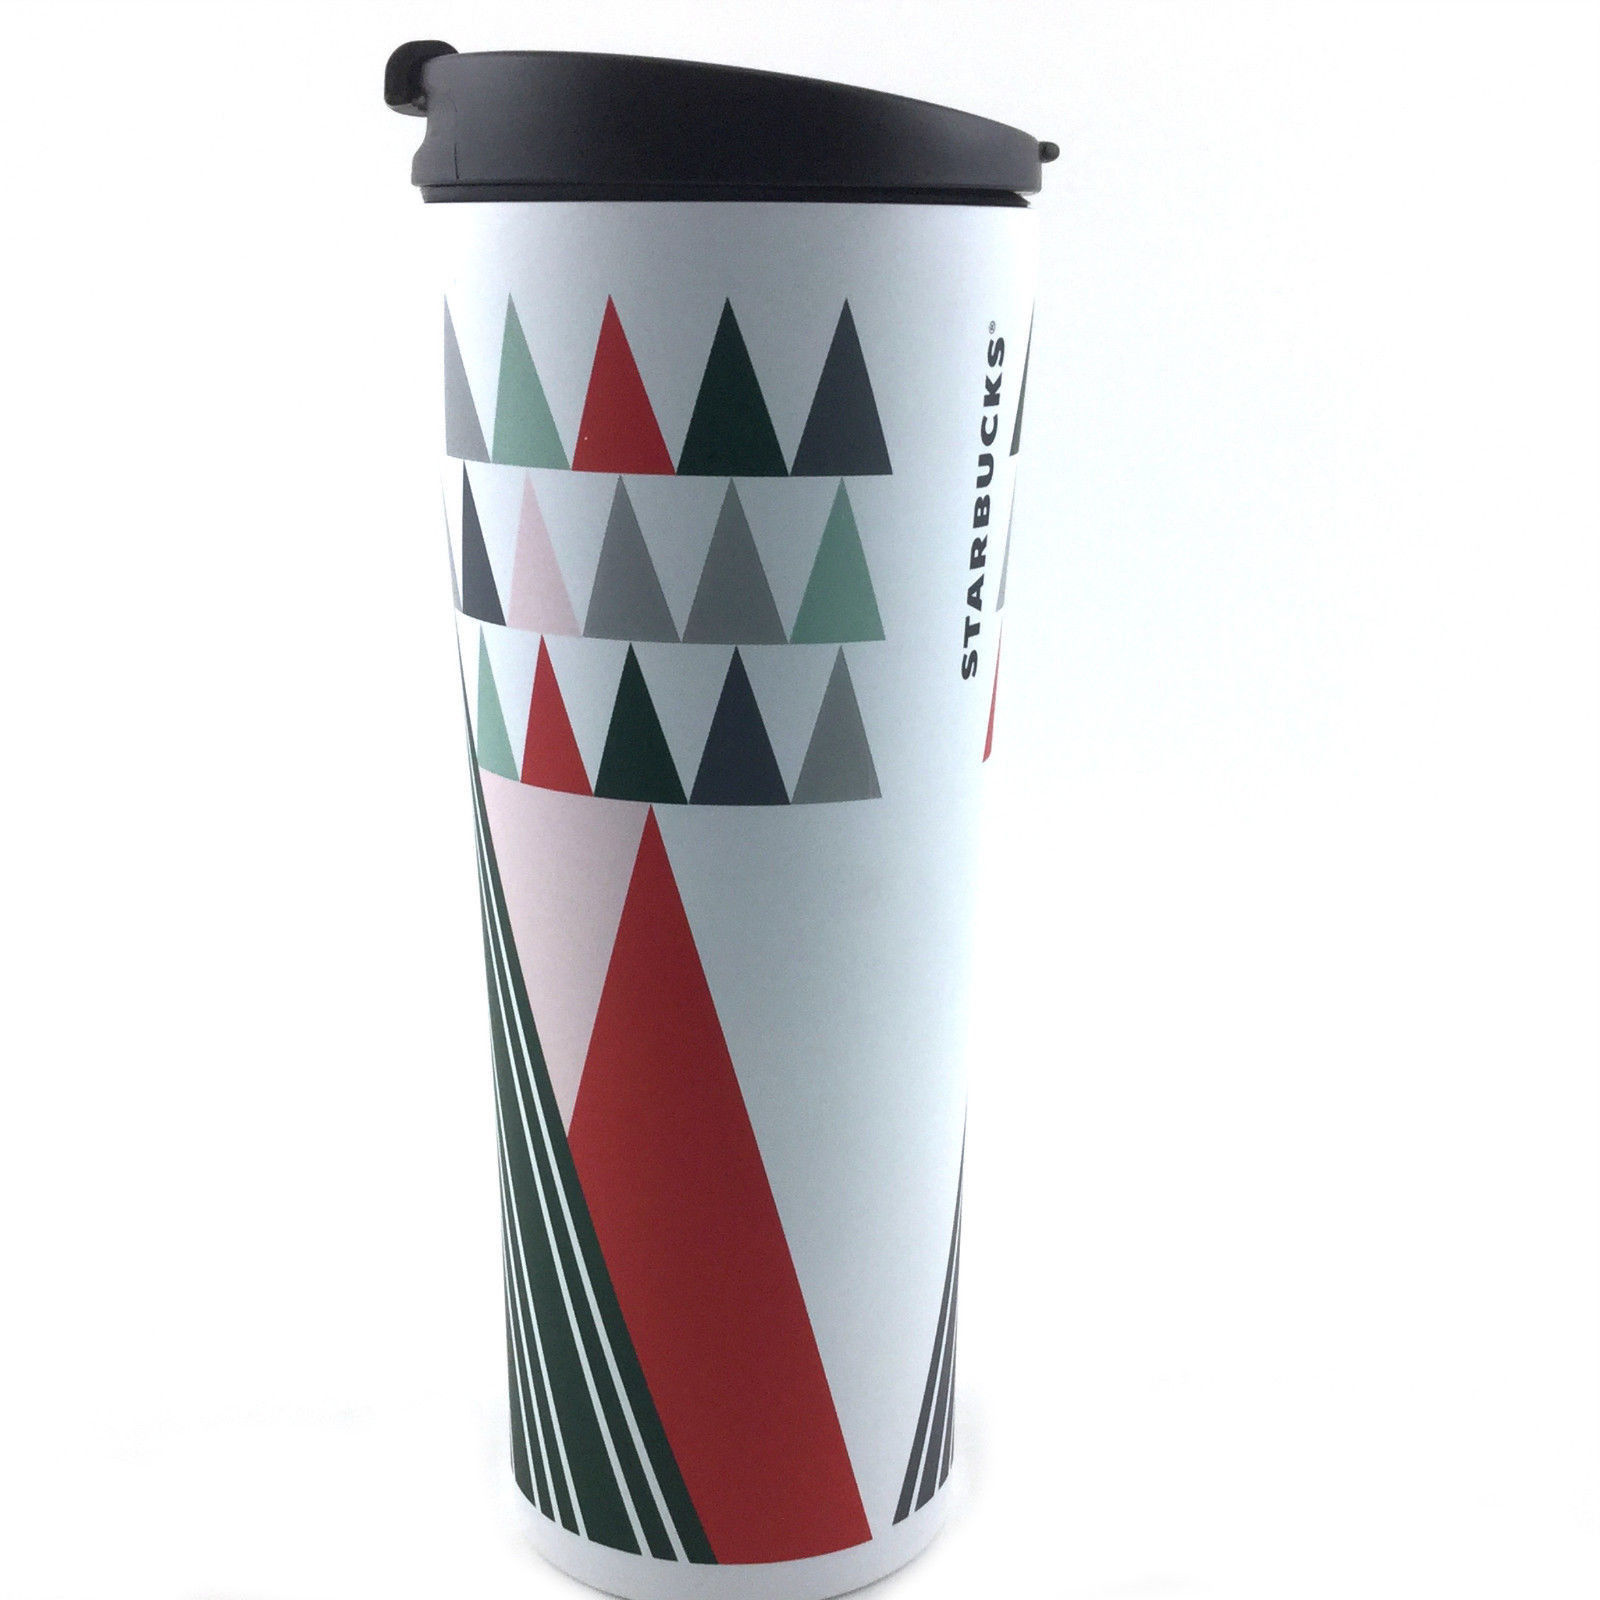 New 2017 Starbucks Stainless Steel Tumbler 12 Fl oz Travel Mug Multi Color